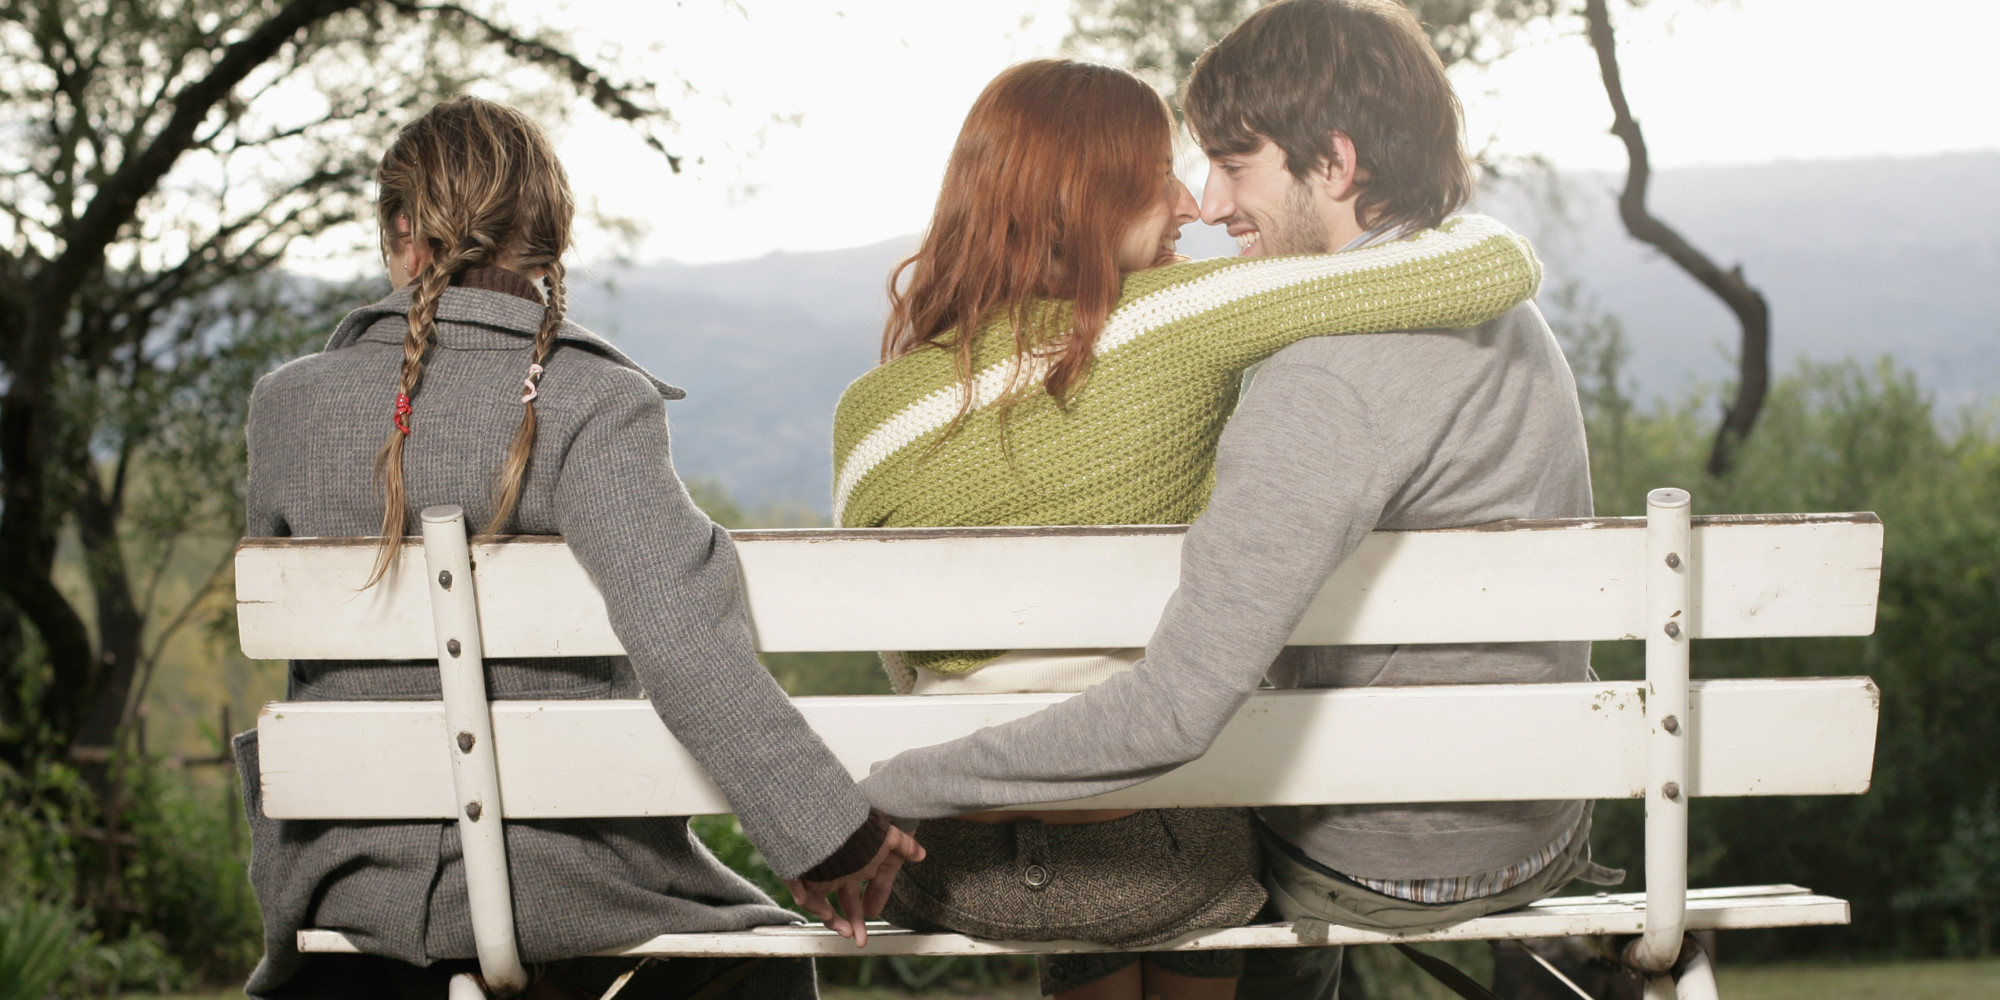 descubre si tu pareja es infiel